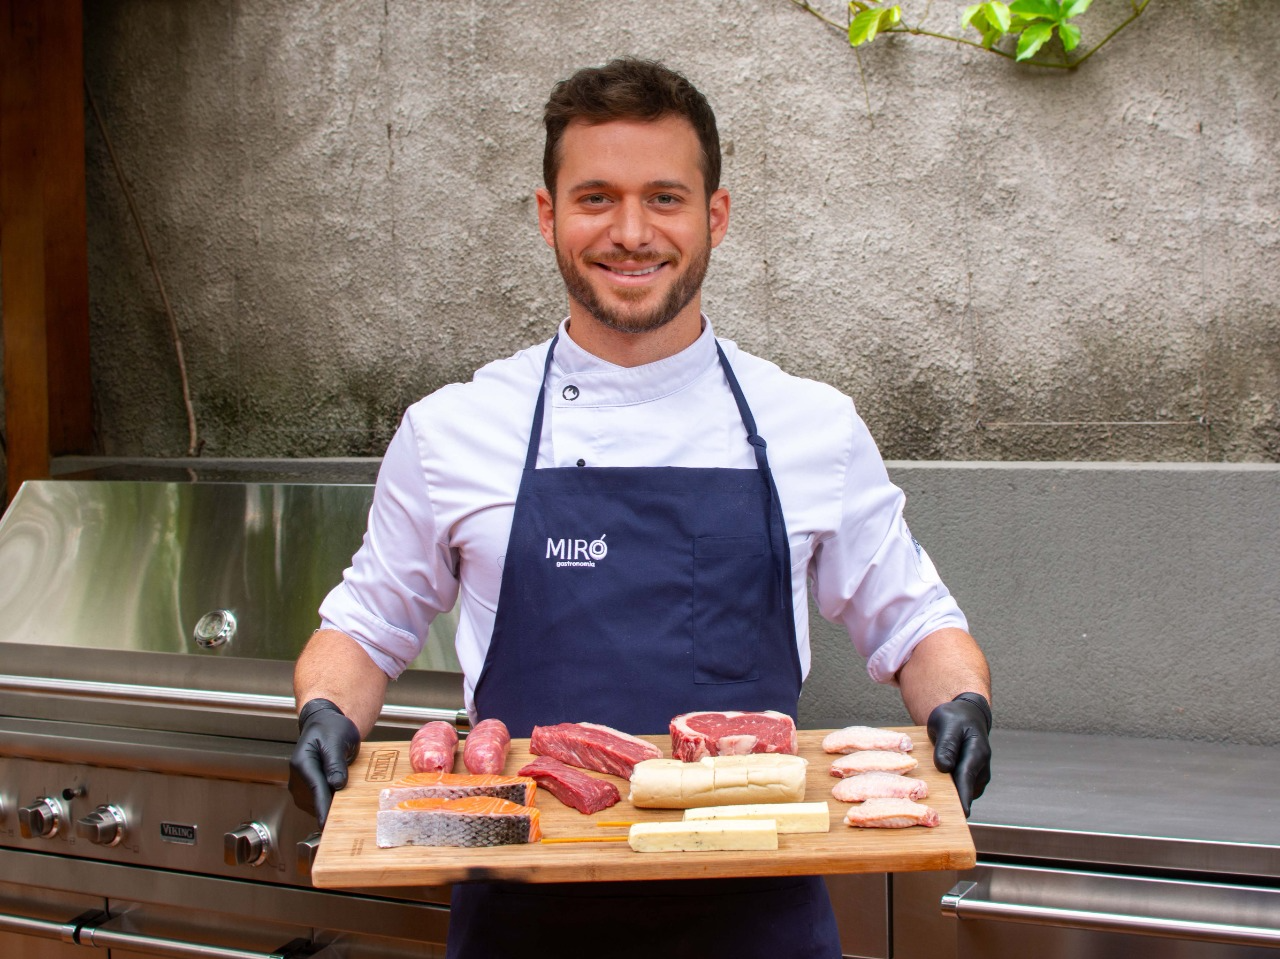 Churrasco perfeito: Band Receitas e chef Dalton Rangel lançam especial com dicas no Youtube